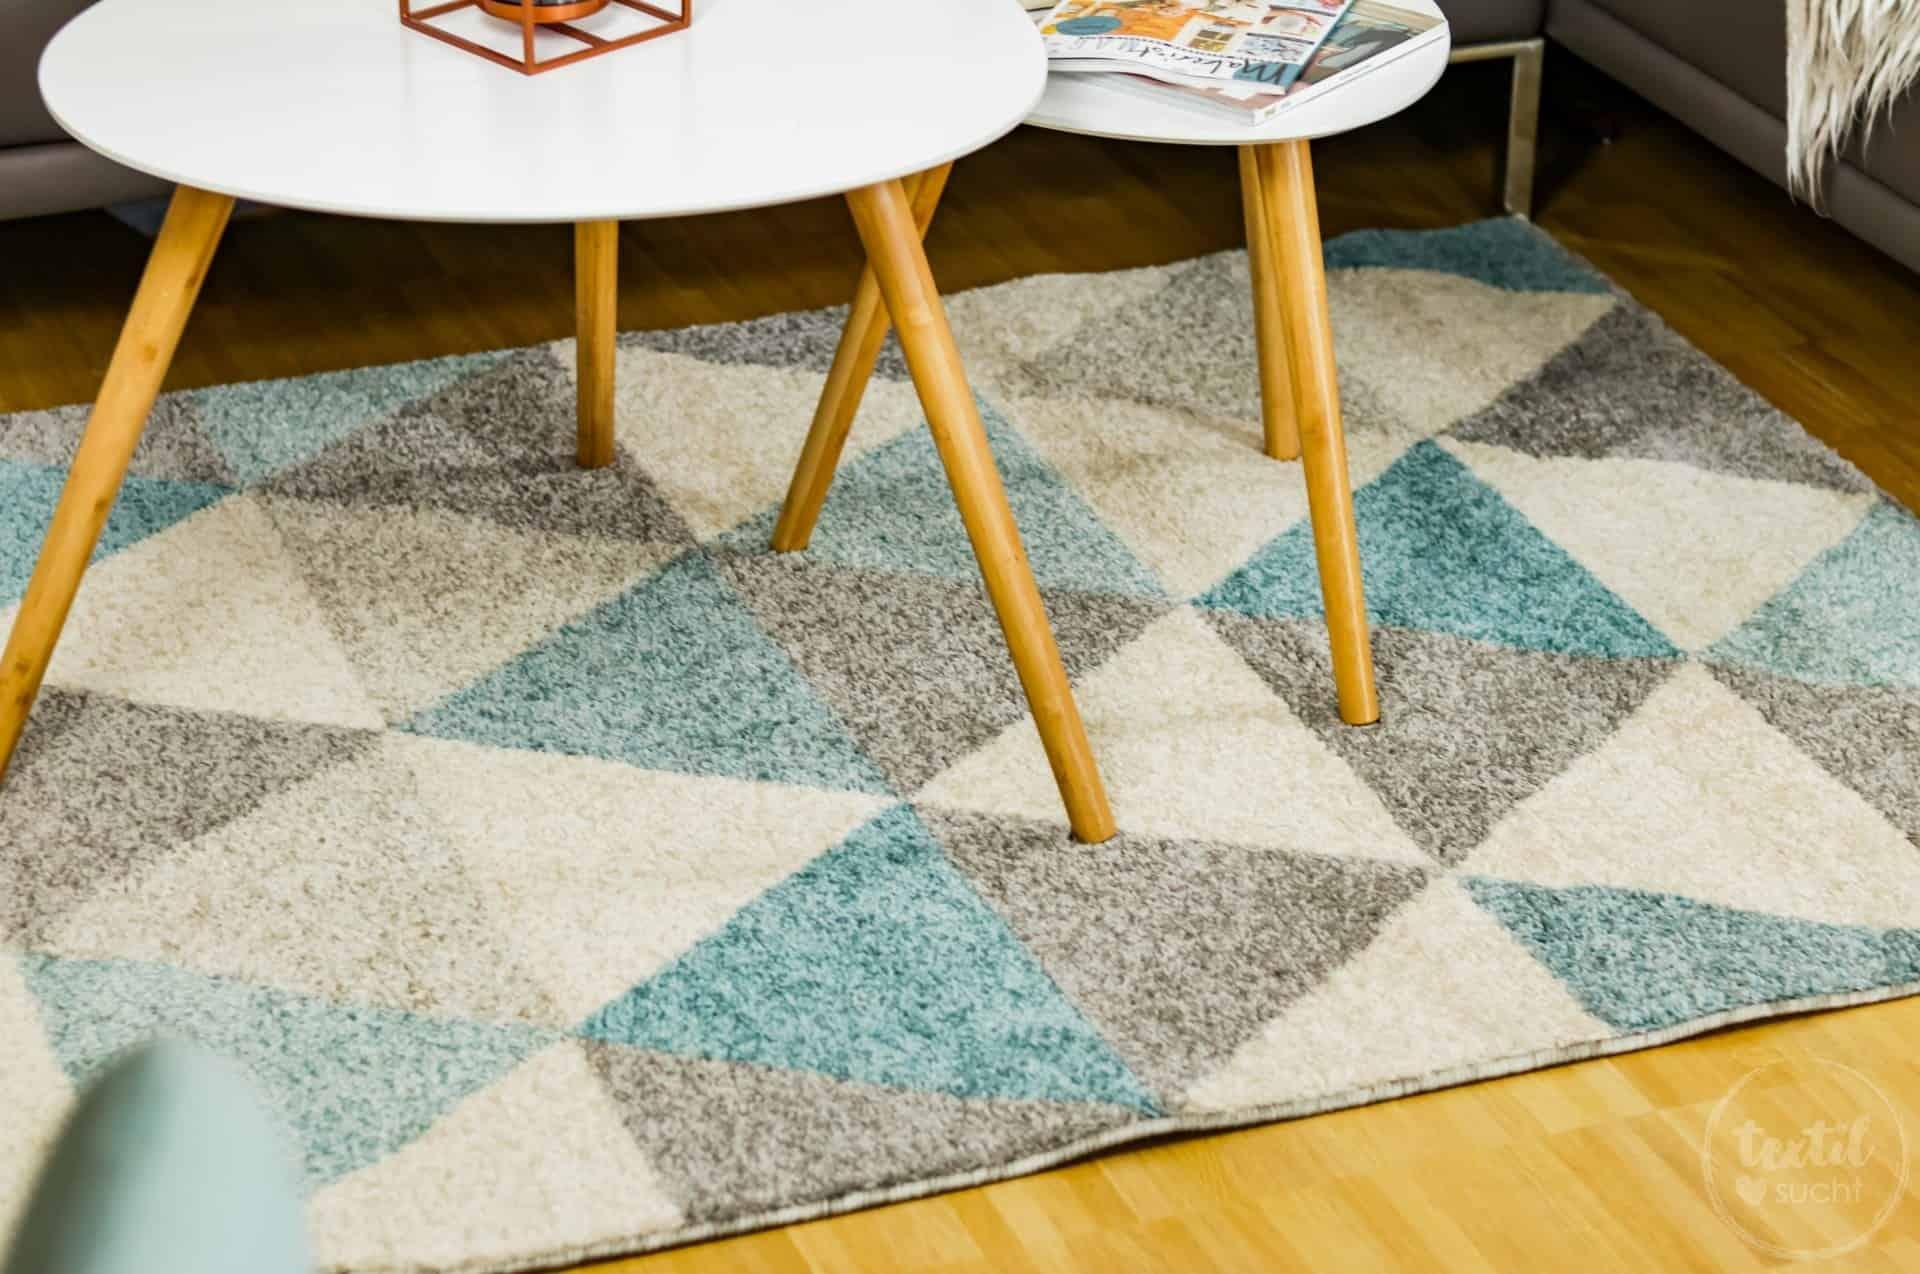 Wohnzimmer Einrichten Mit Benuta Teppich   Bild 3 | Textilsucht